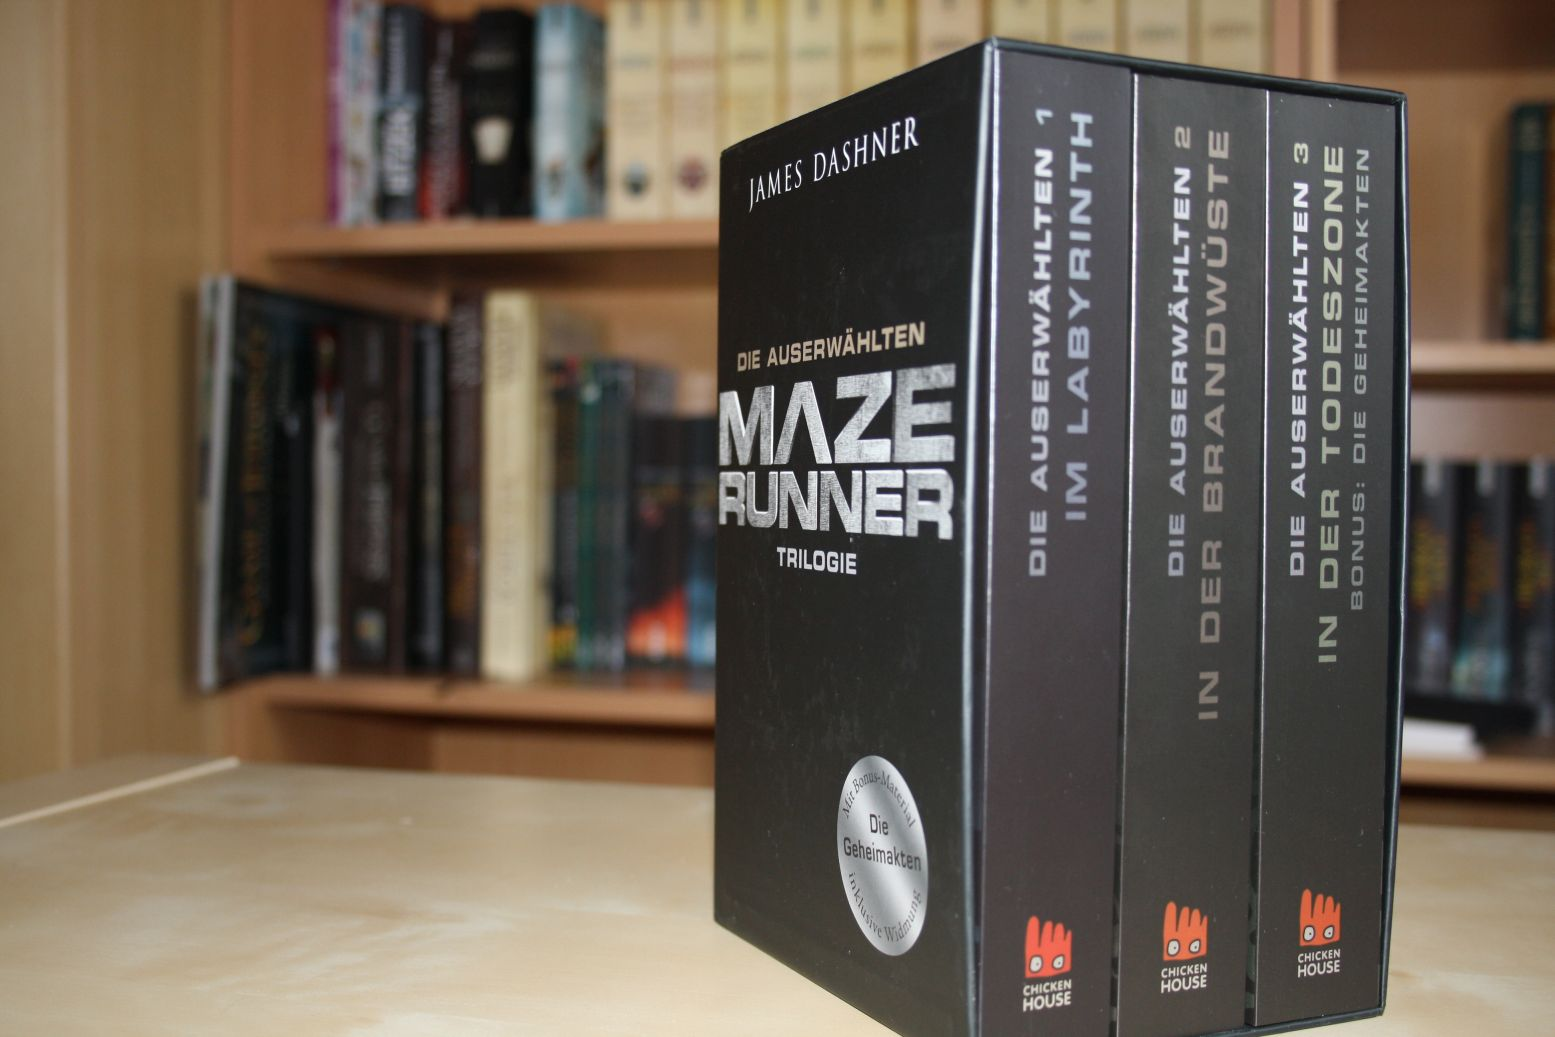 Maze Runner von James Dashner